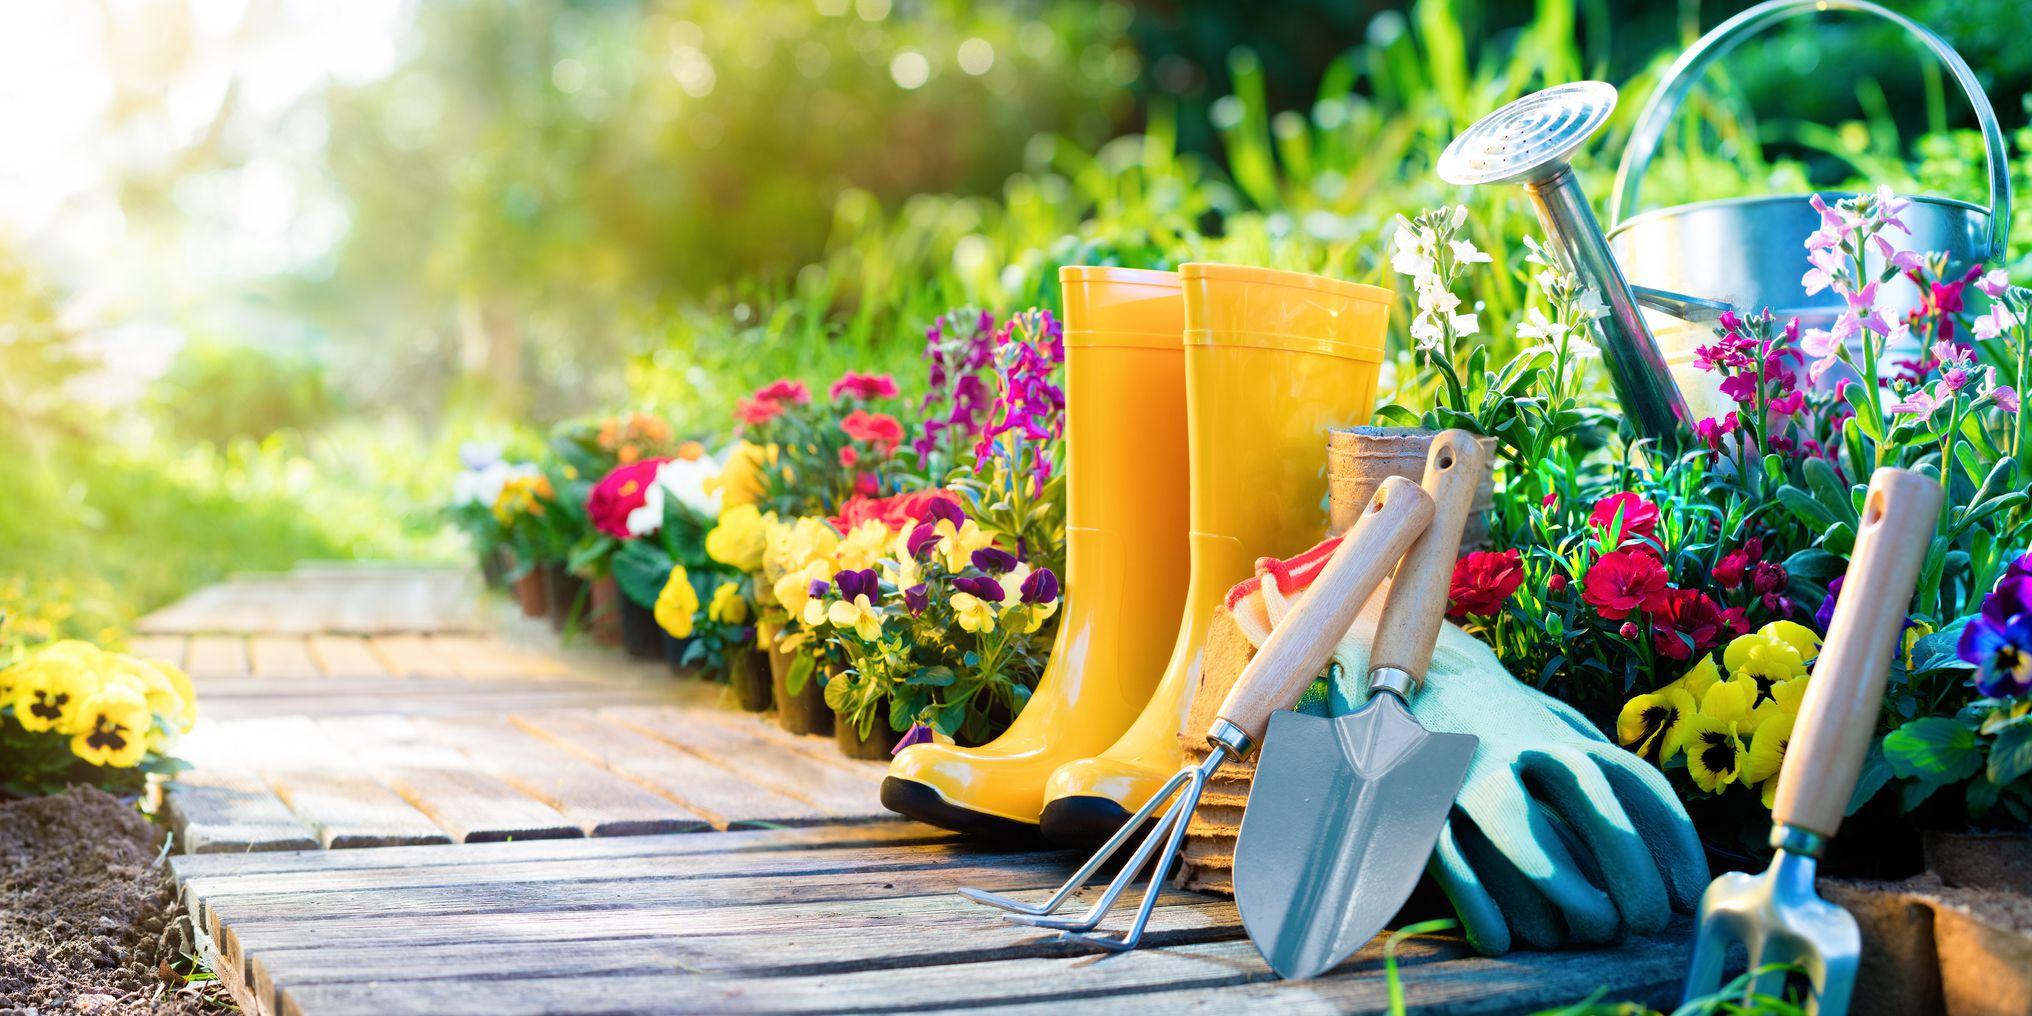 promozioni e offerte di giardinaggio